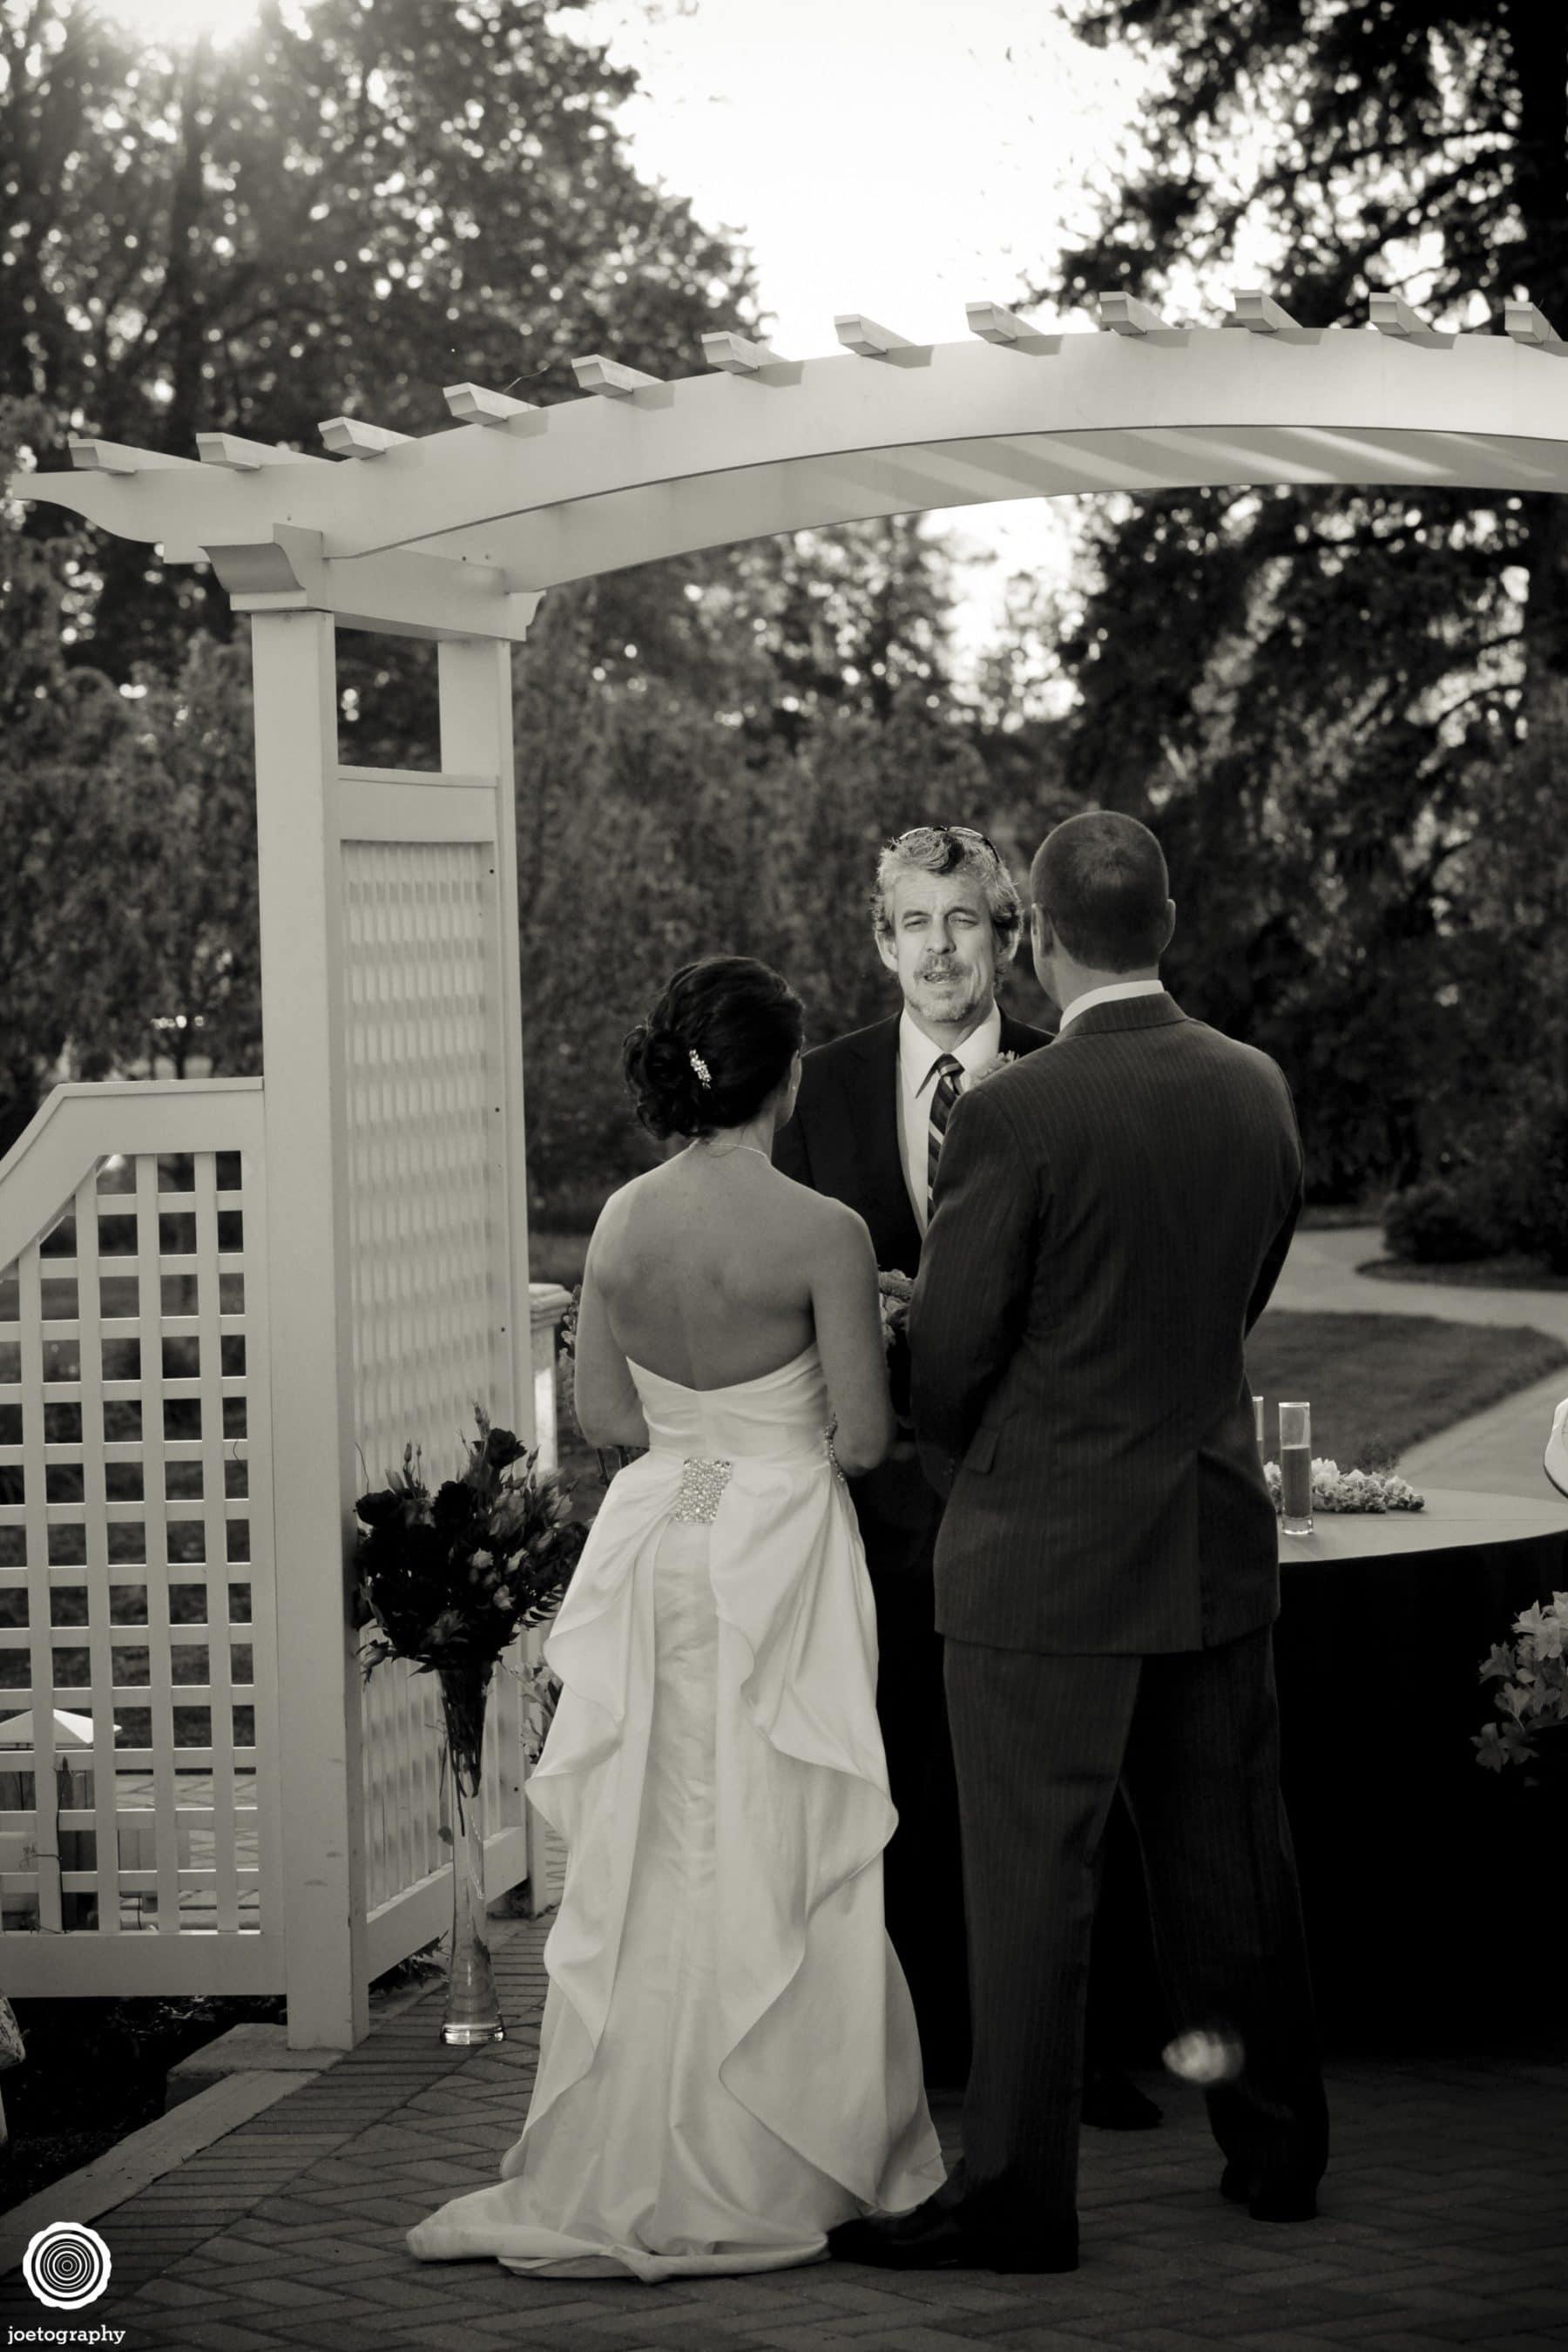 Beedles-Wedding-Photos-Naperville-Illinois-95